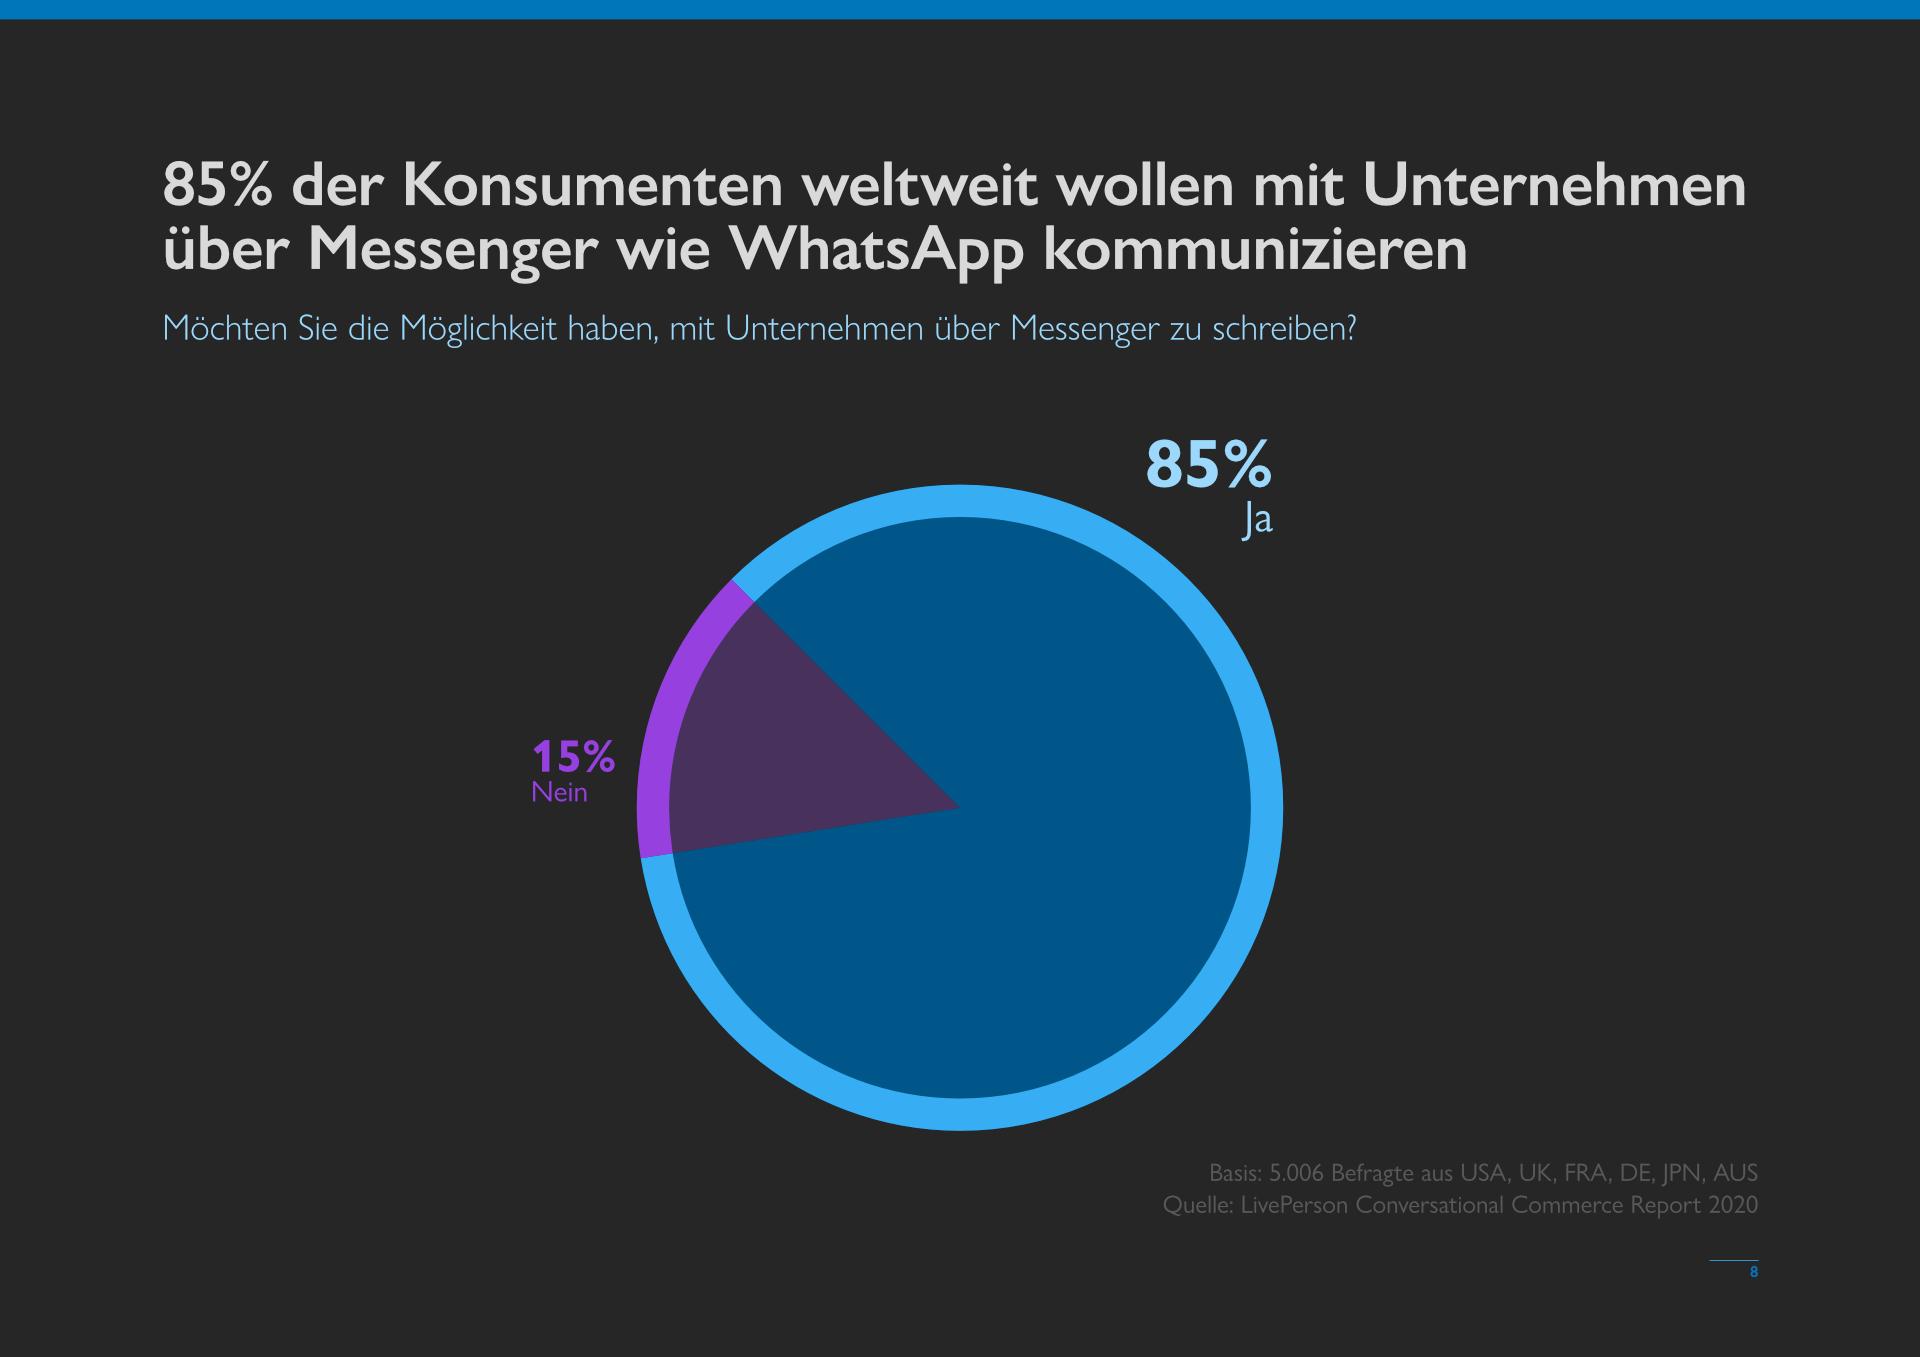 Kunden wollen mit Unternehmen über WhatsApp und Co. kommunizieren - MessengerPeople Studie 2021